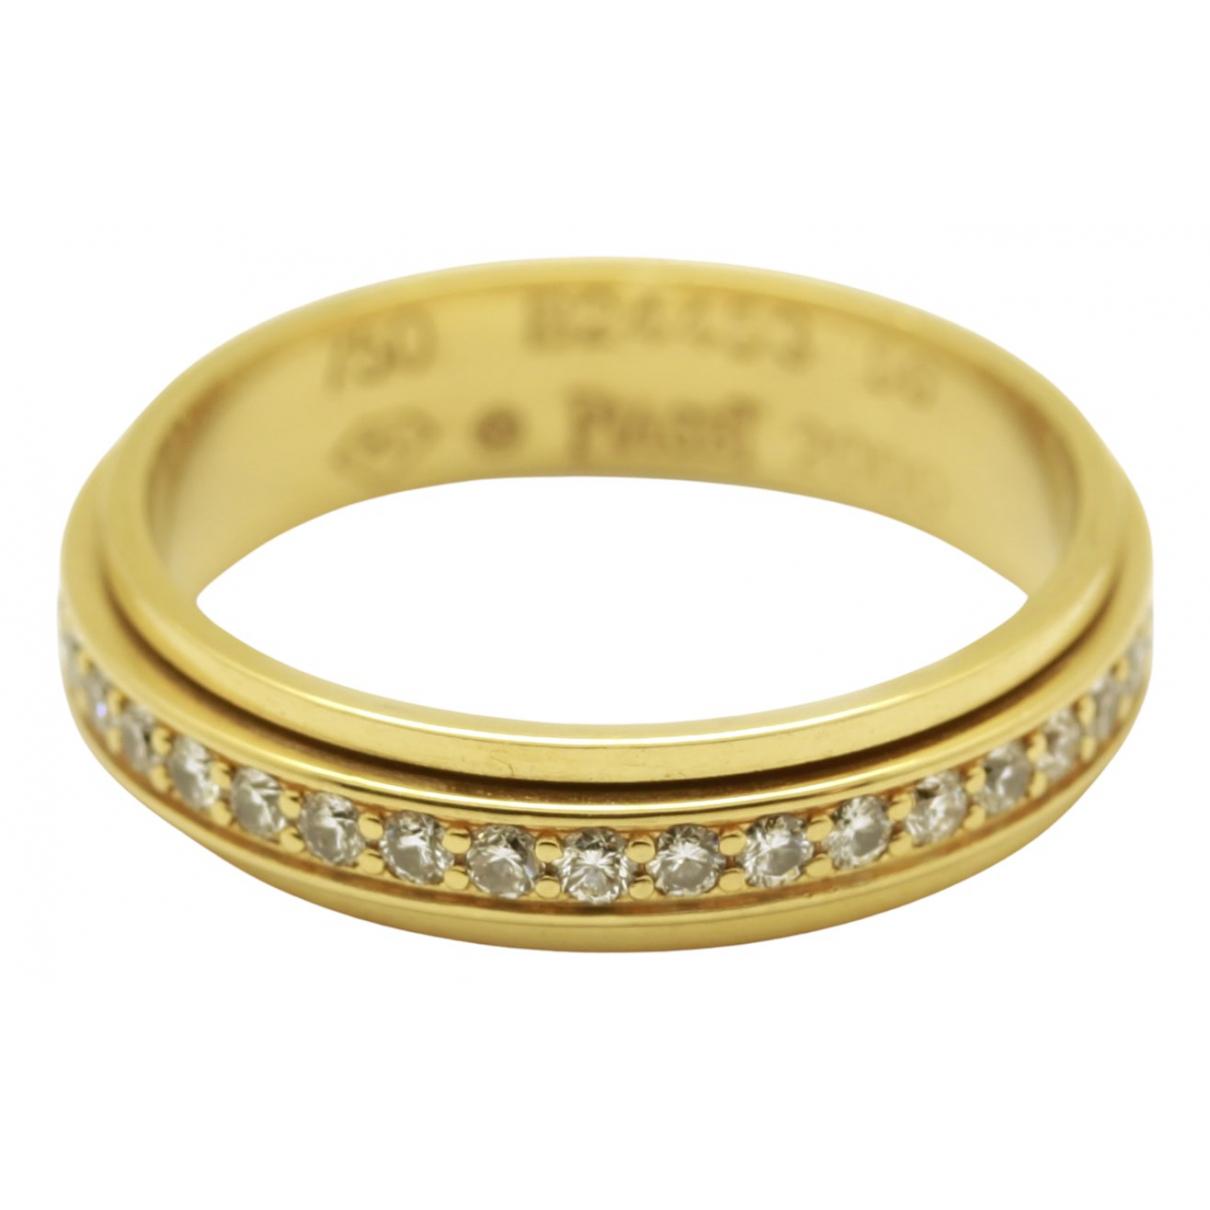 Piaget - Bague Possession pour femme en or jaune - dore